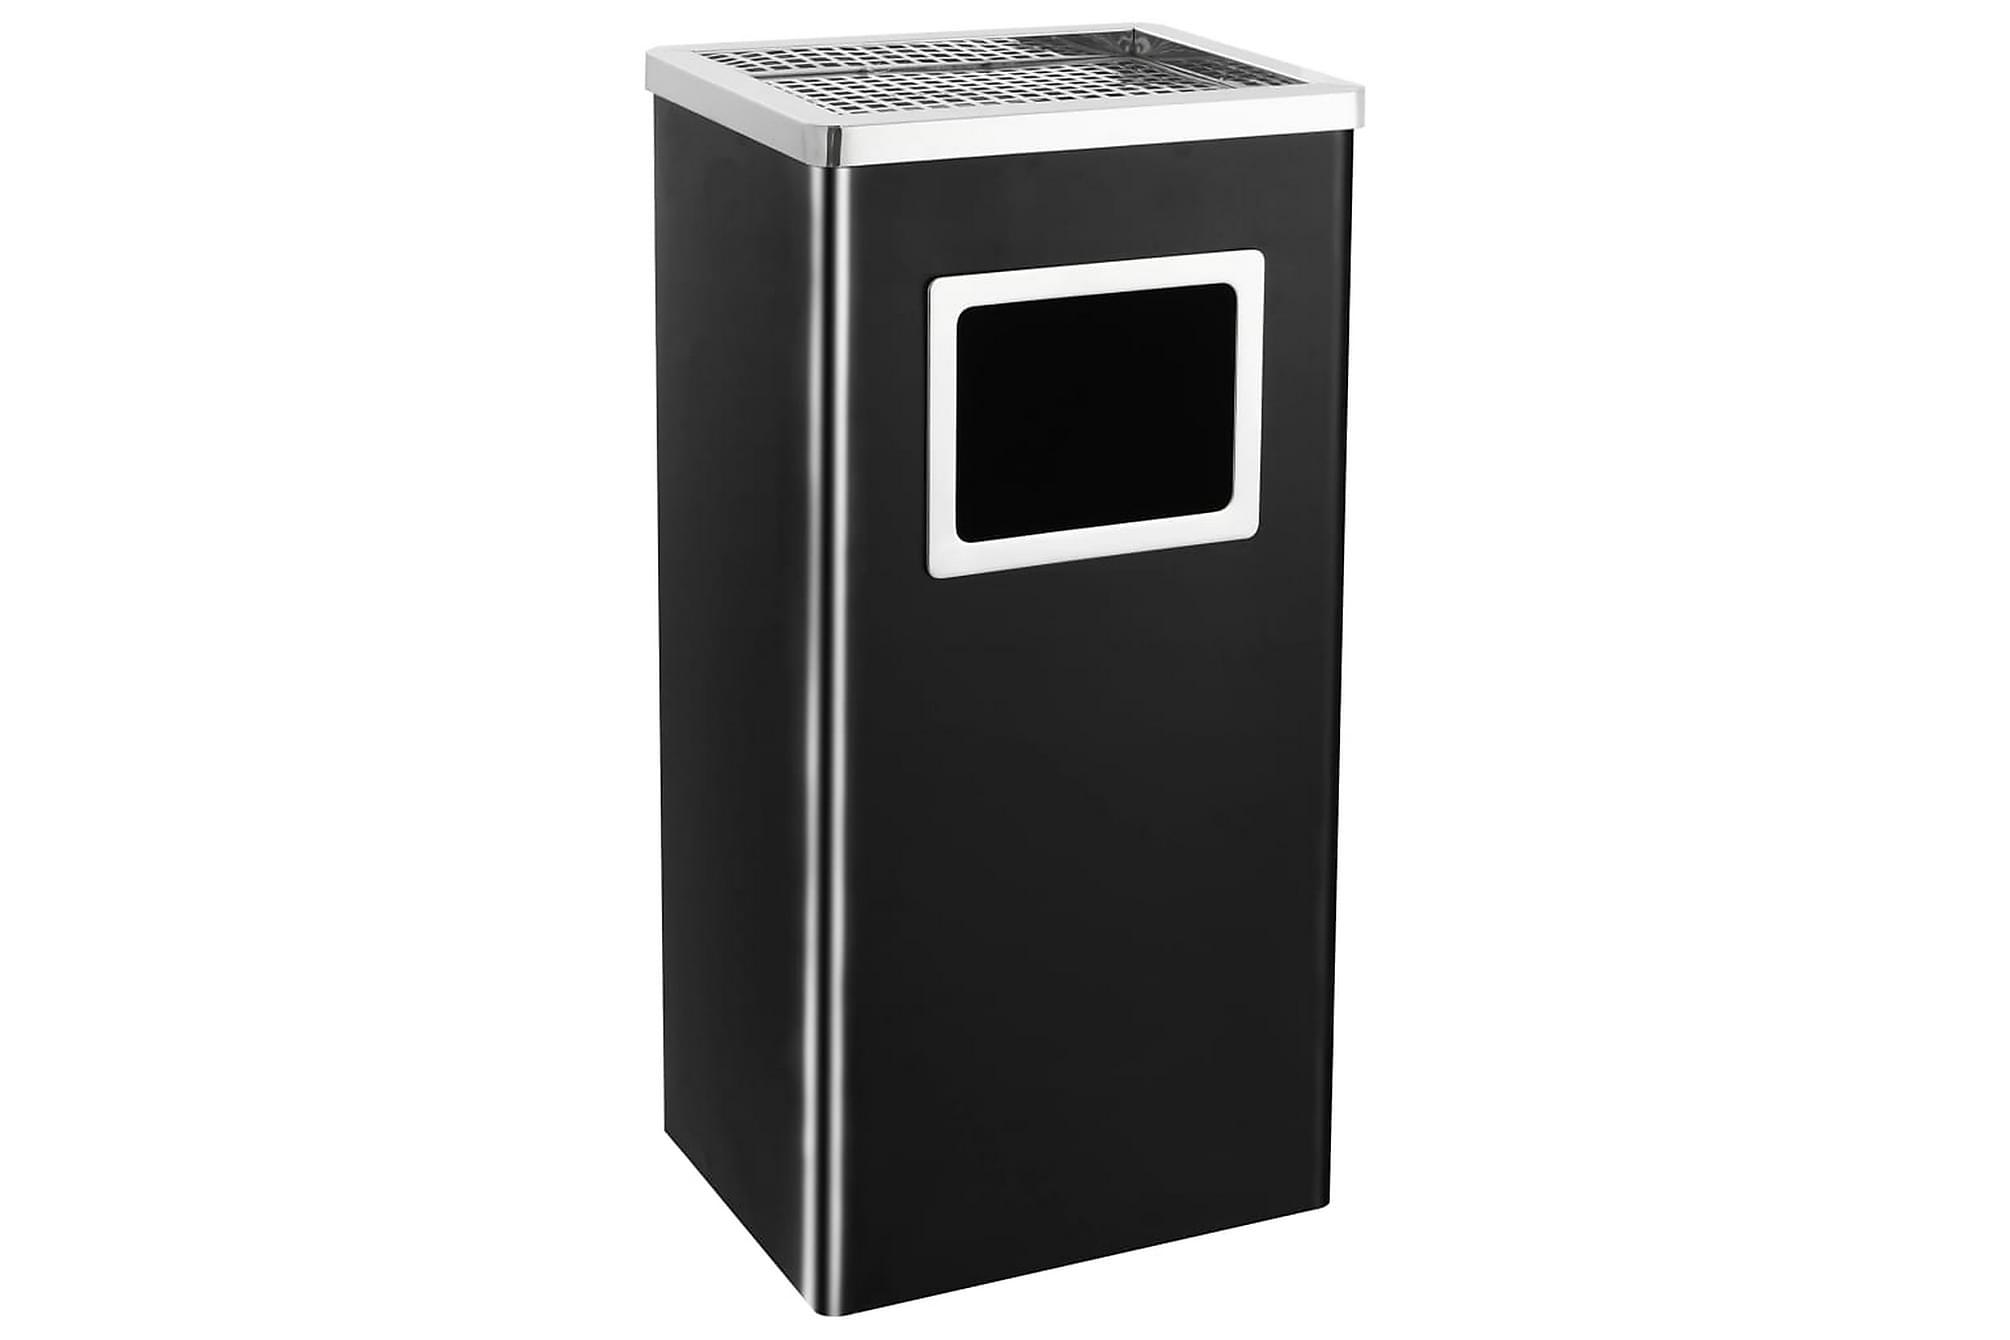 Askfat/soptunna 45 L stål svart, Badrumstillbehör